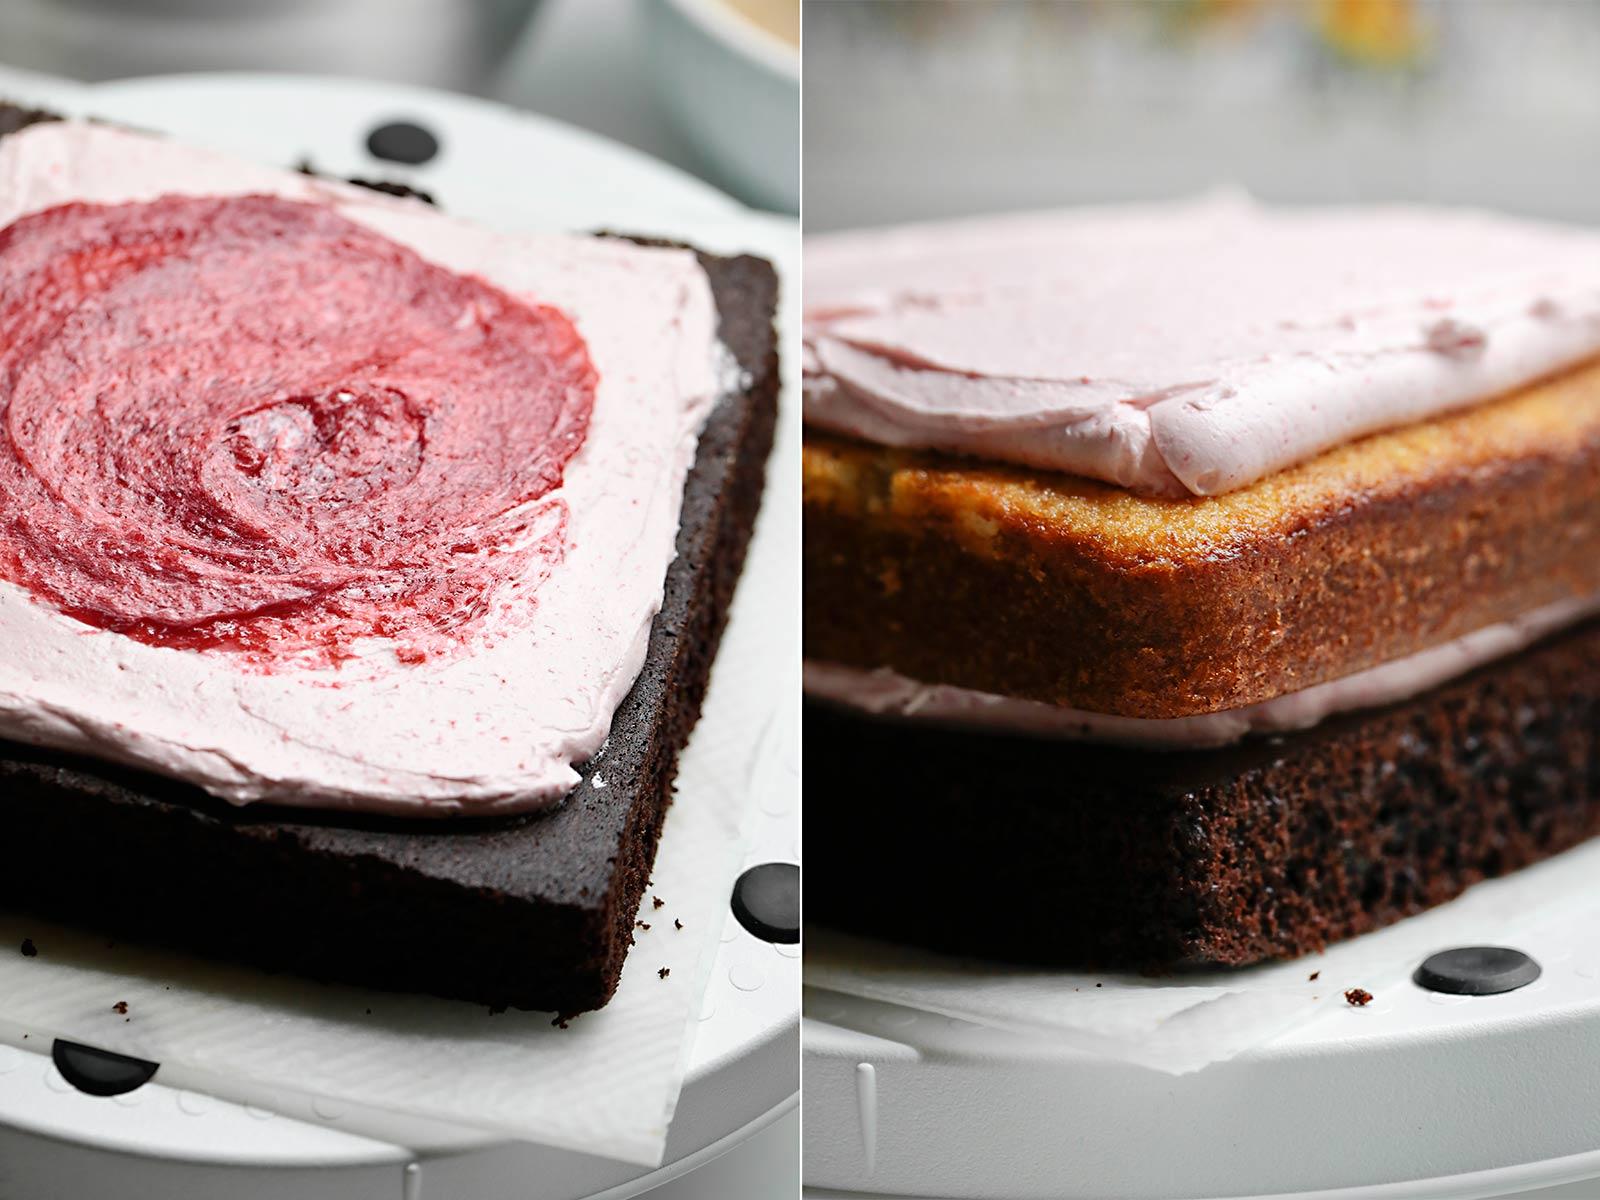 Receta layer cake de chocolate, vainilla y frambuesa